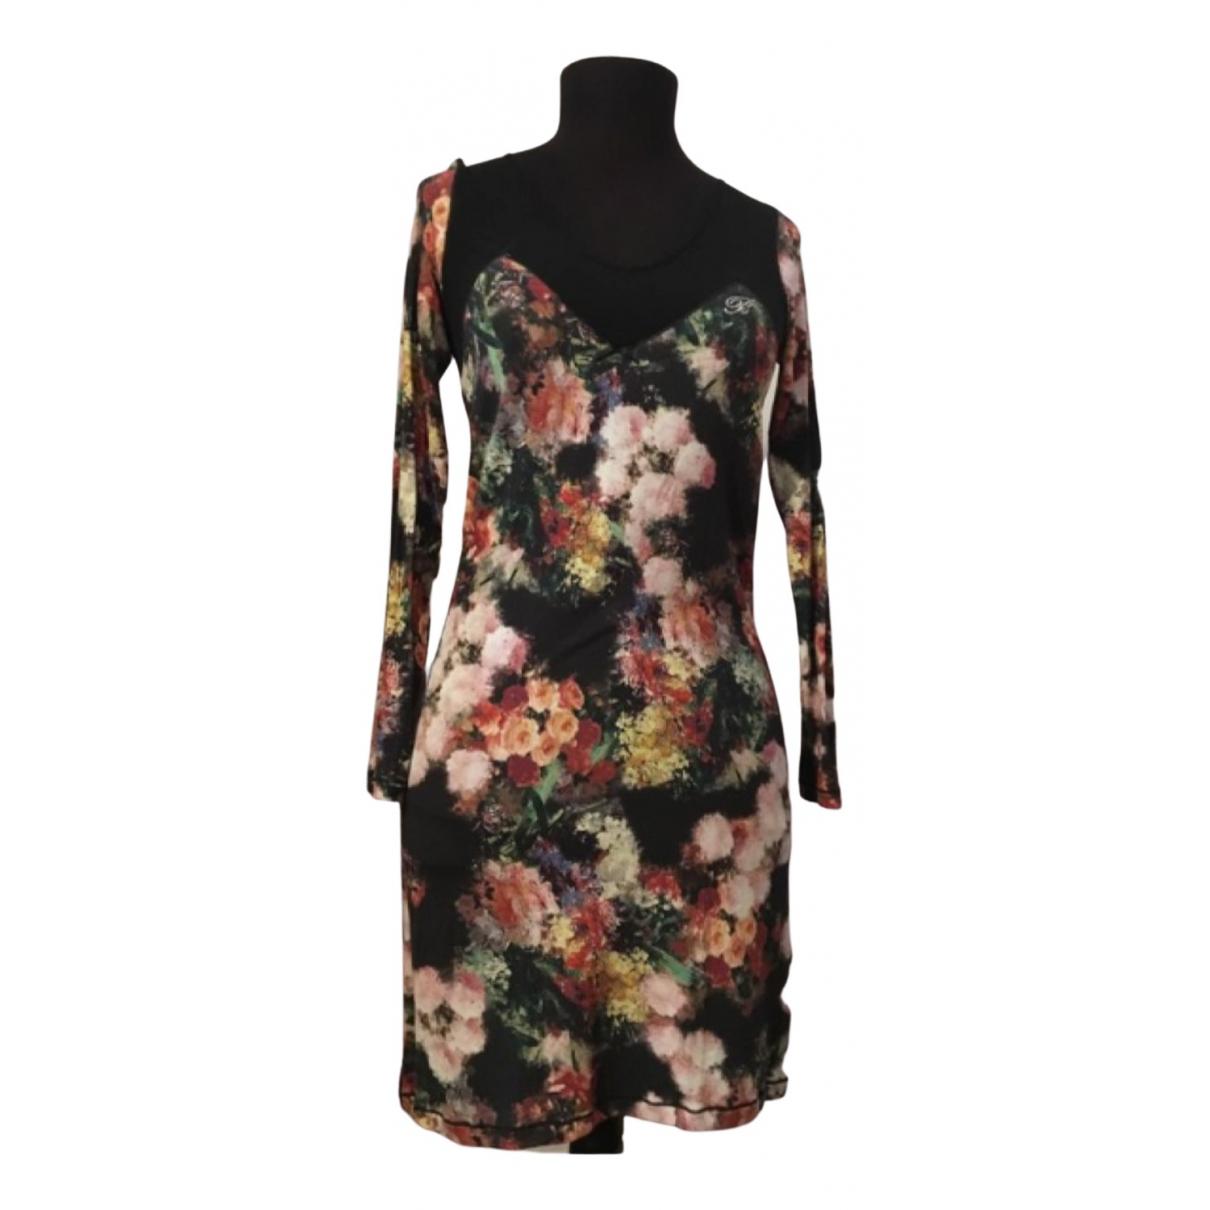 Blumarine \N Kleid in Baumwolle - Elasthan